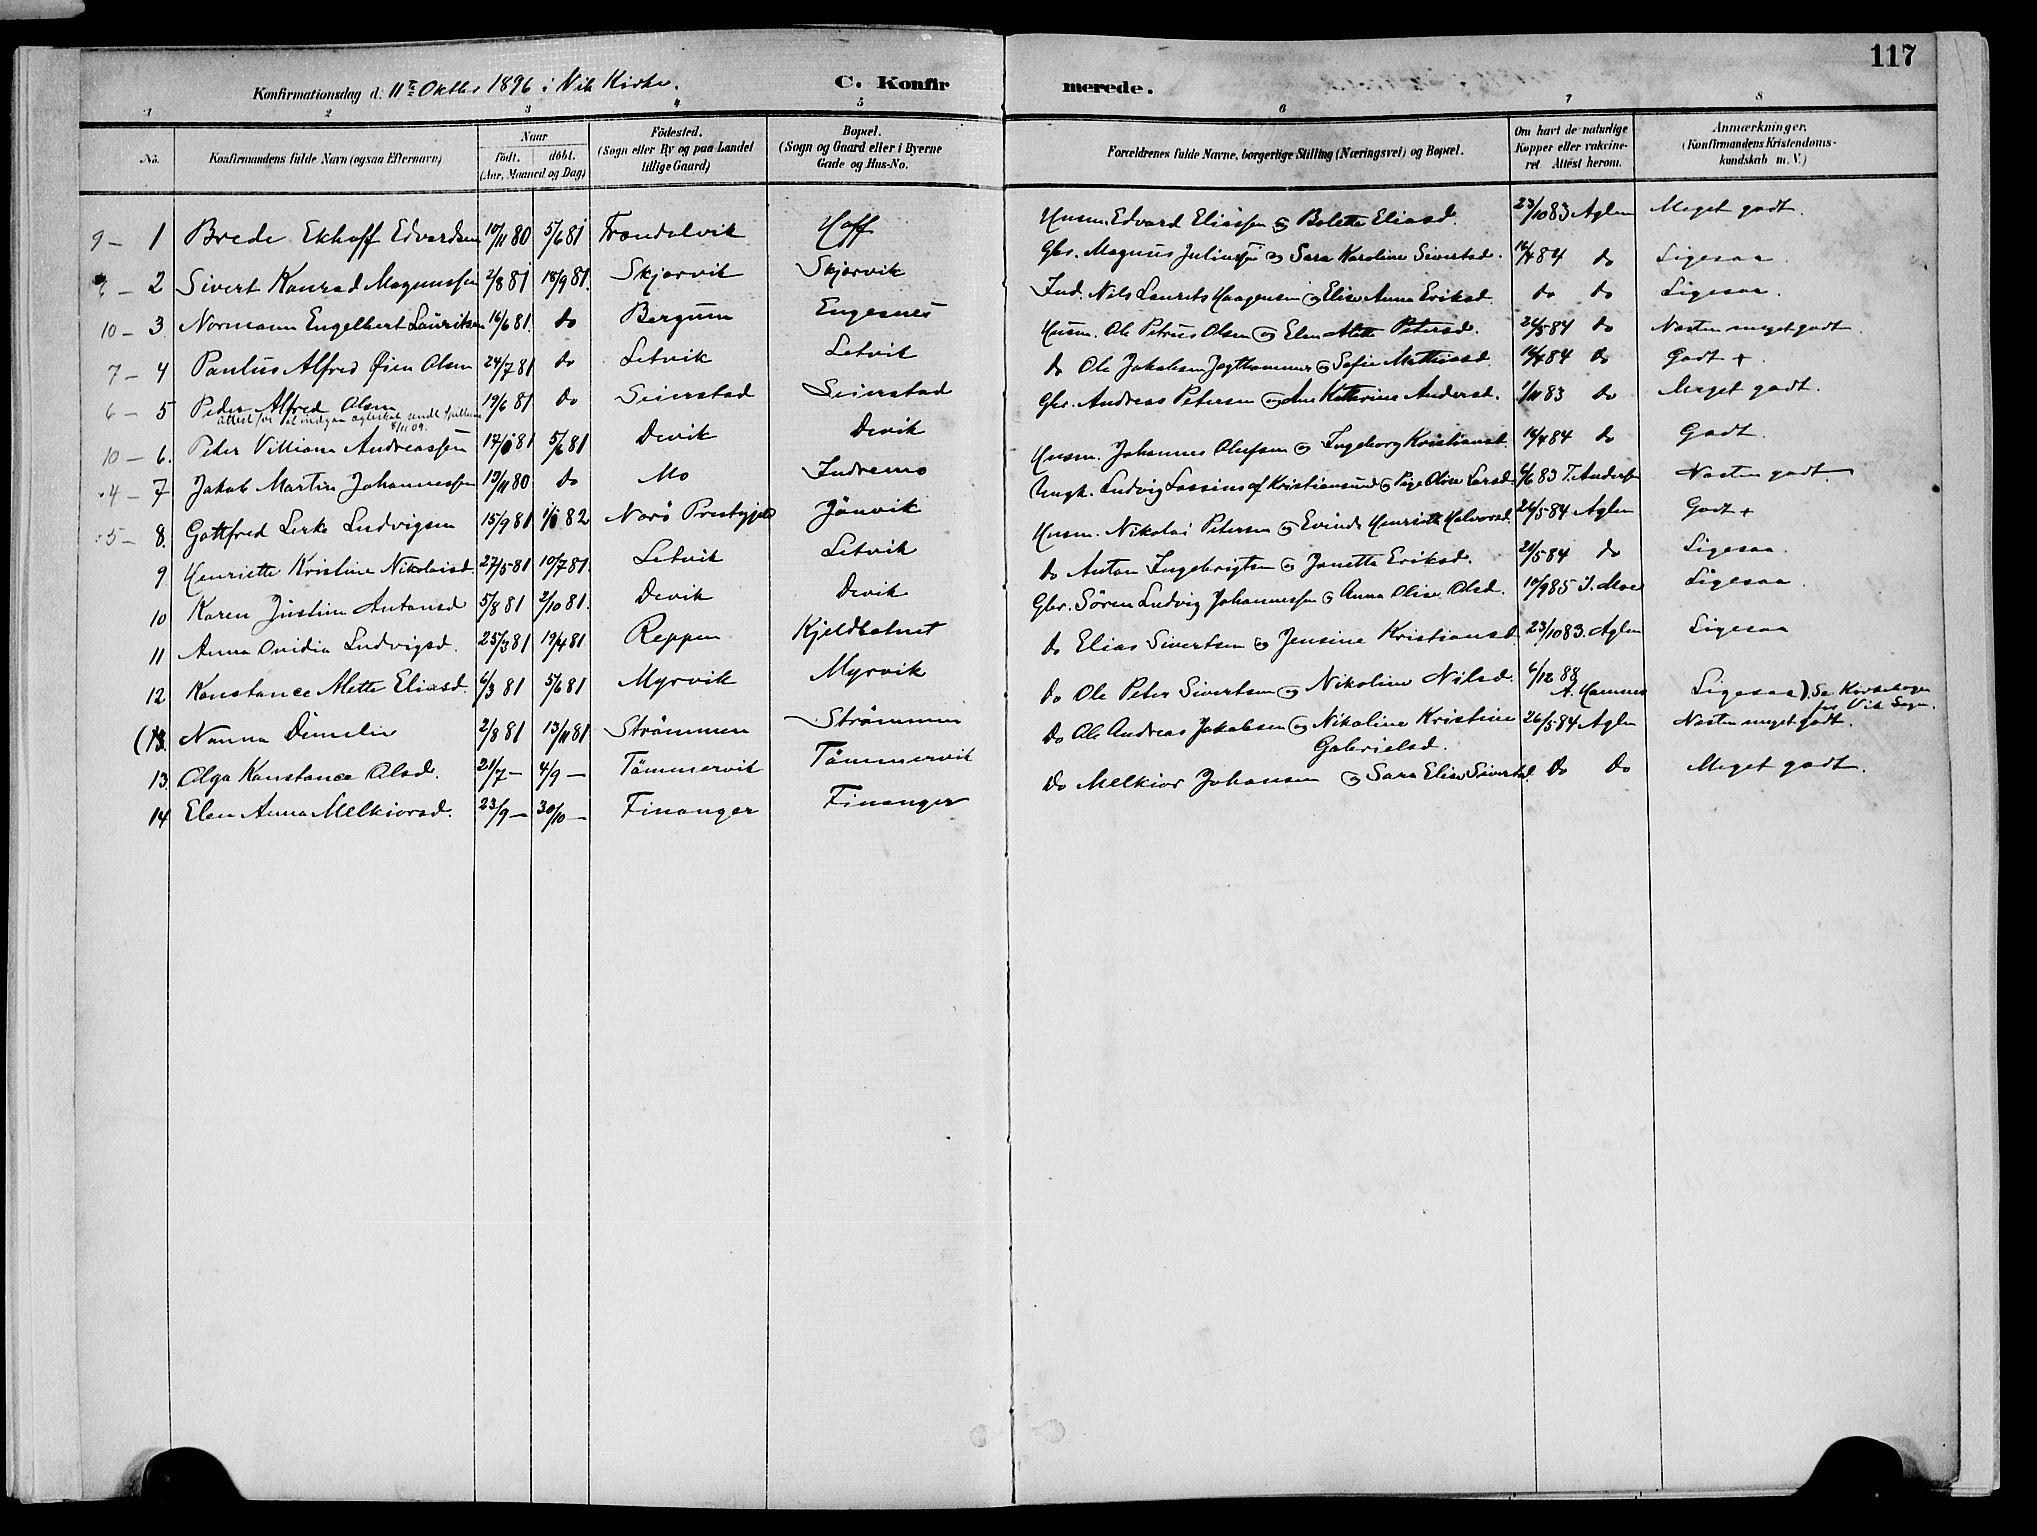 SAT, Ministerialprotokoller, klokkerbøker og fødselsregistre - Nord-Trøndelag, 773/L0617: Ministerialbok nr. 773A08, 1887-1910, s. 117